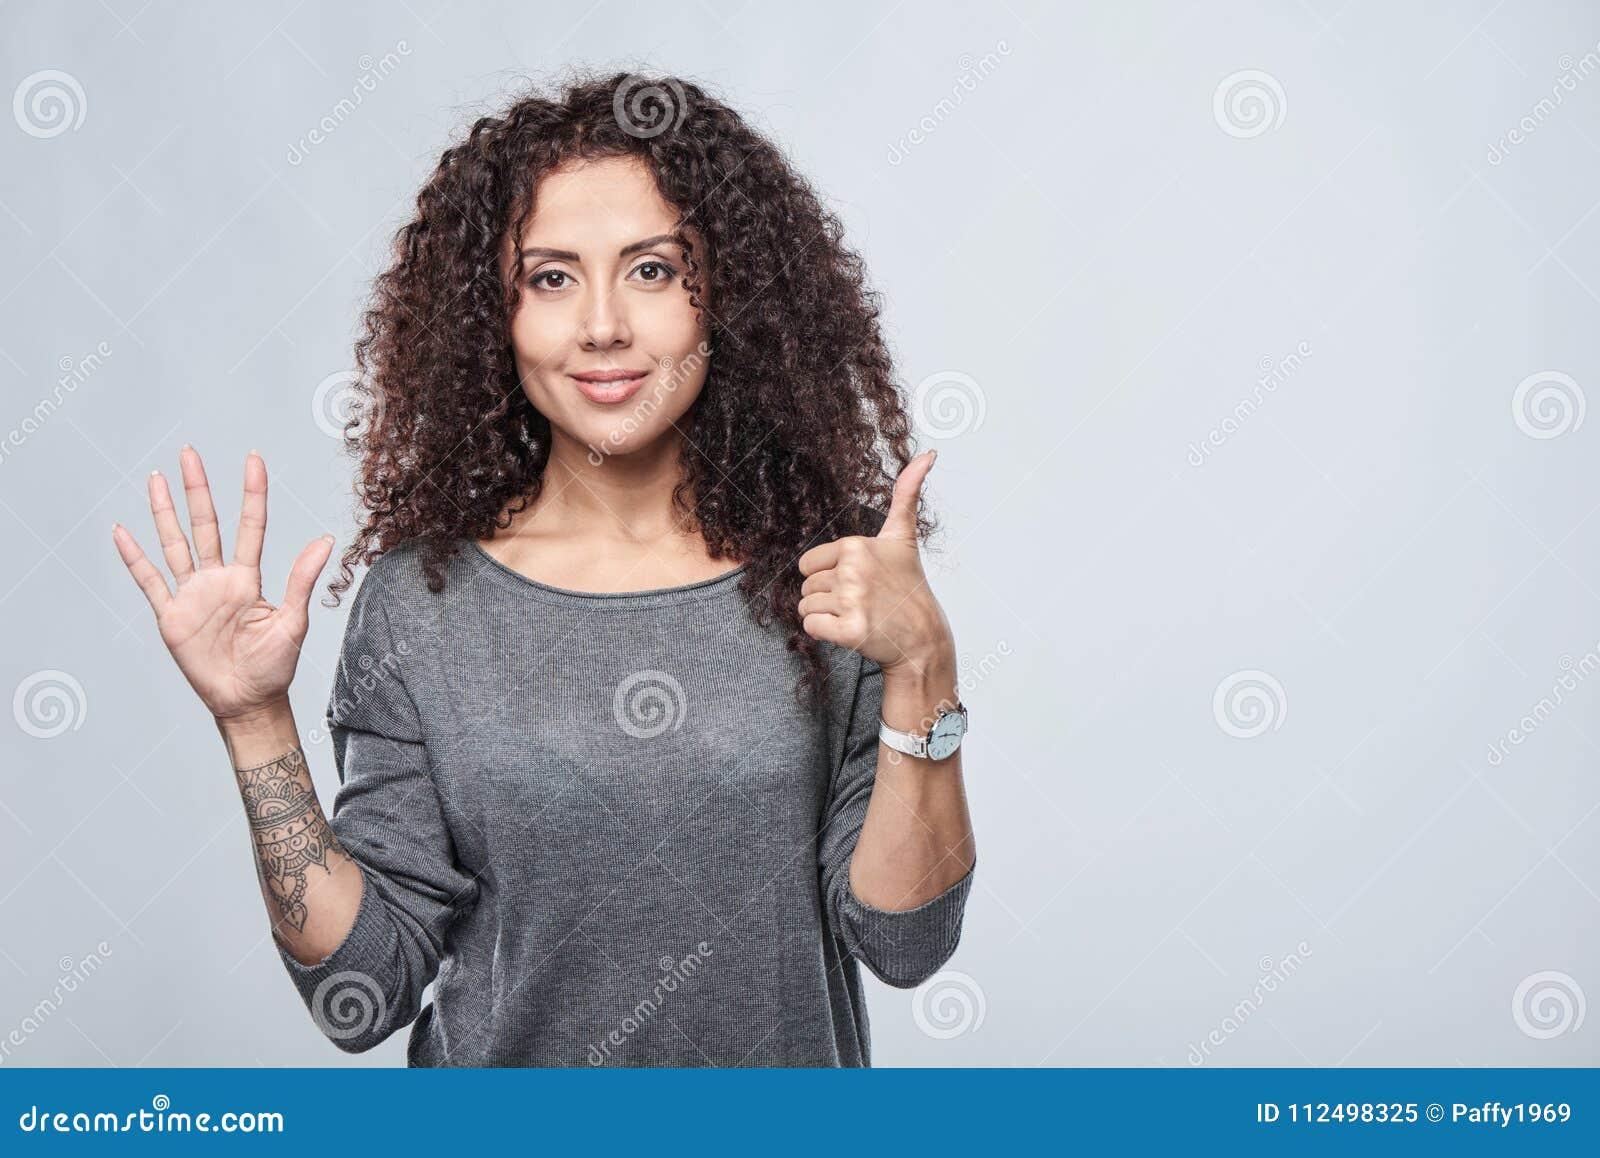 Υπολογισμός χεριών - έξι δάχτυλα